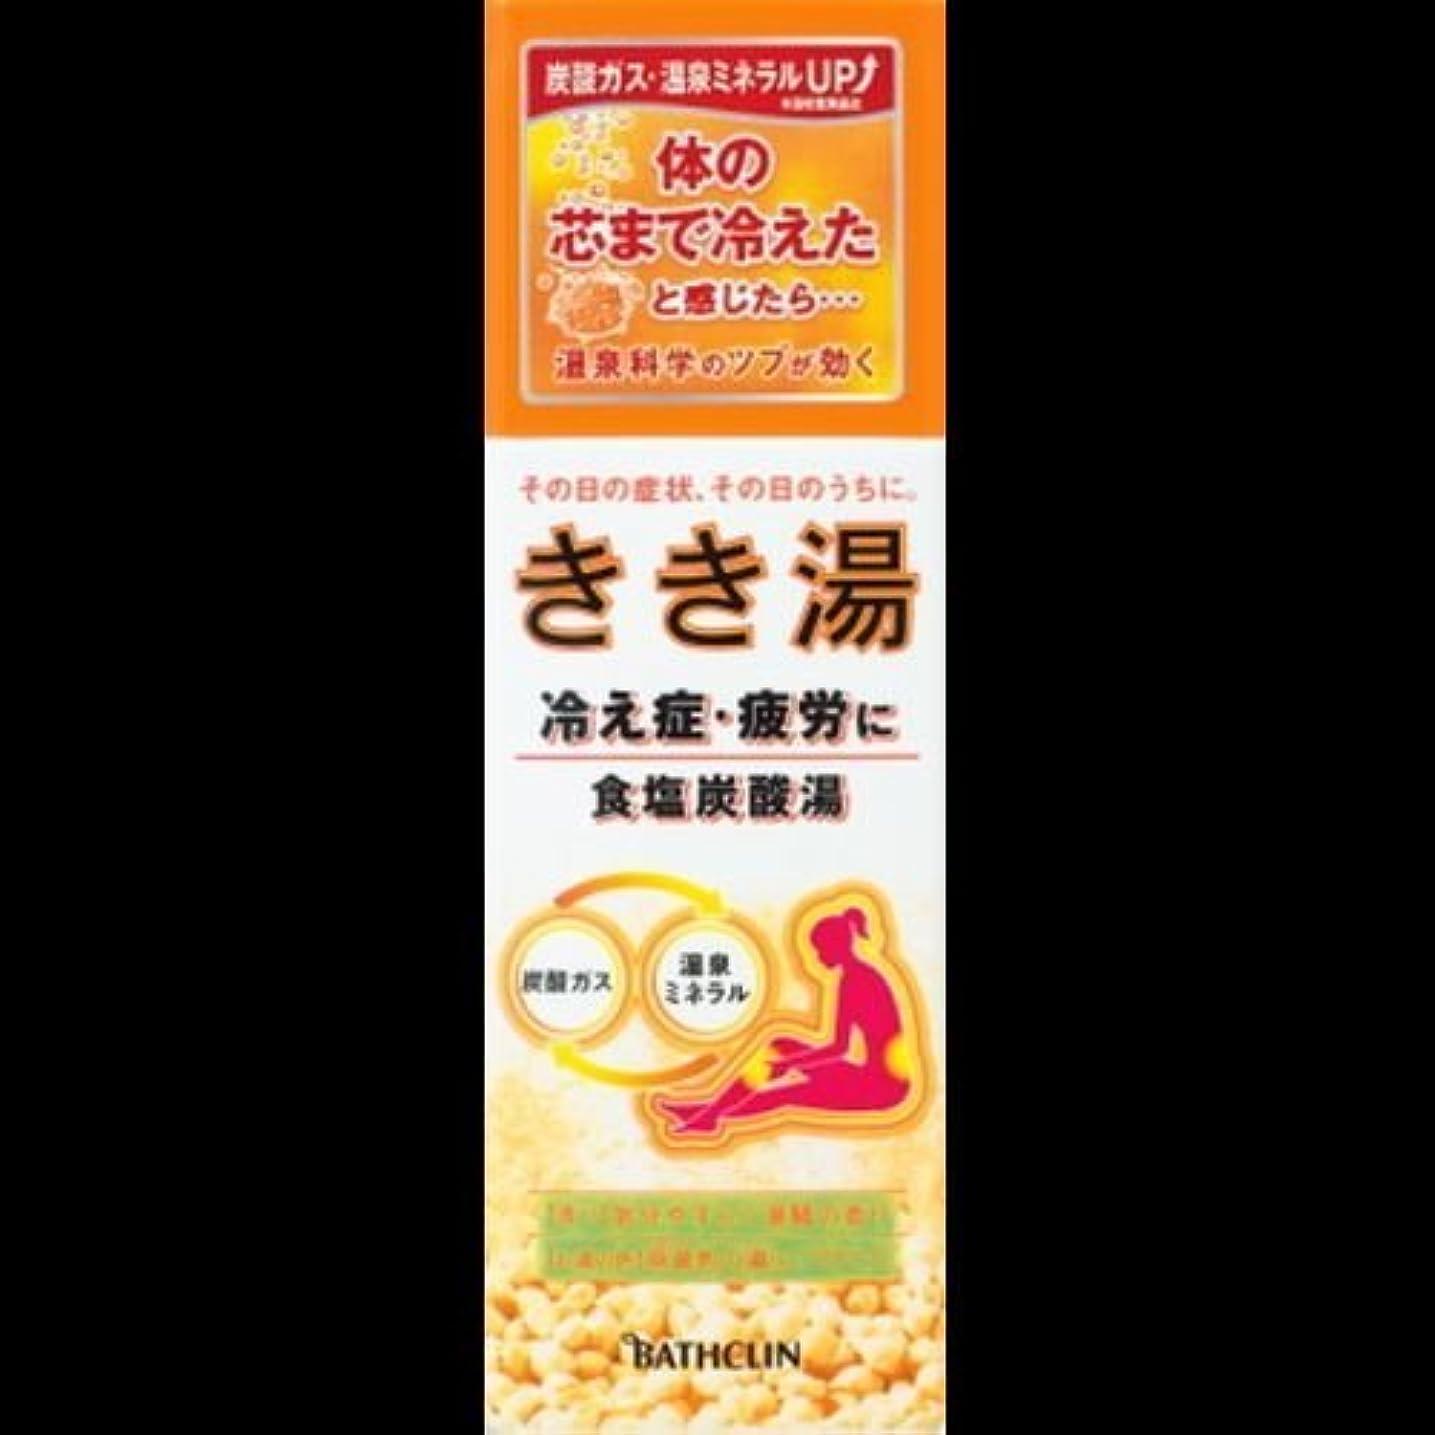 墓地を通して民兵【まとめ買い】きき湯 食塩炭酸湯 気分やすらぐ潮騒の香り萌黄色の湯(にごりタイプ) 360g ×2セット